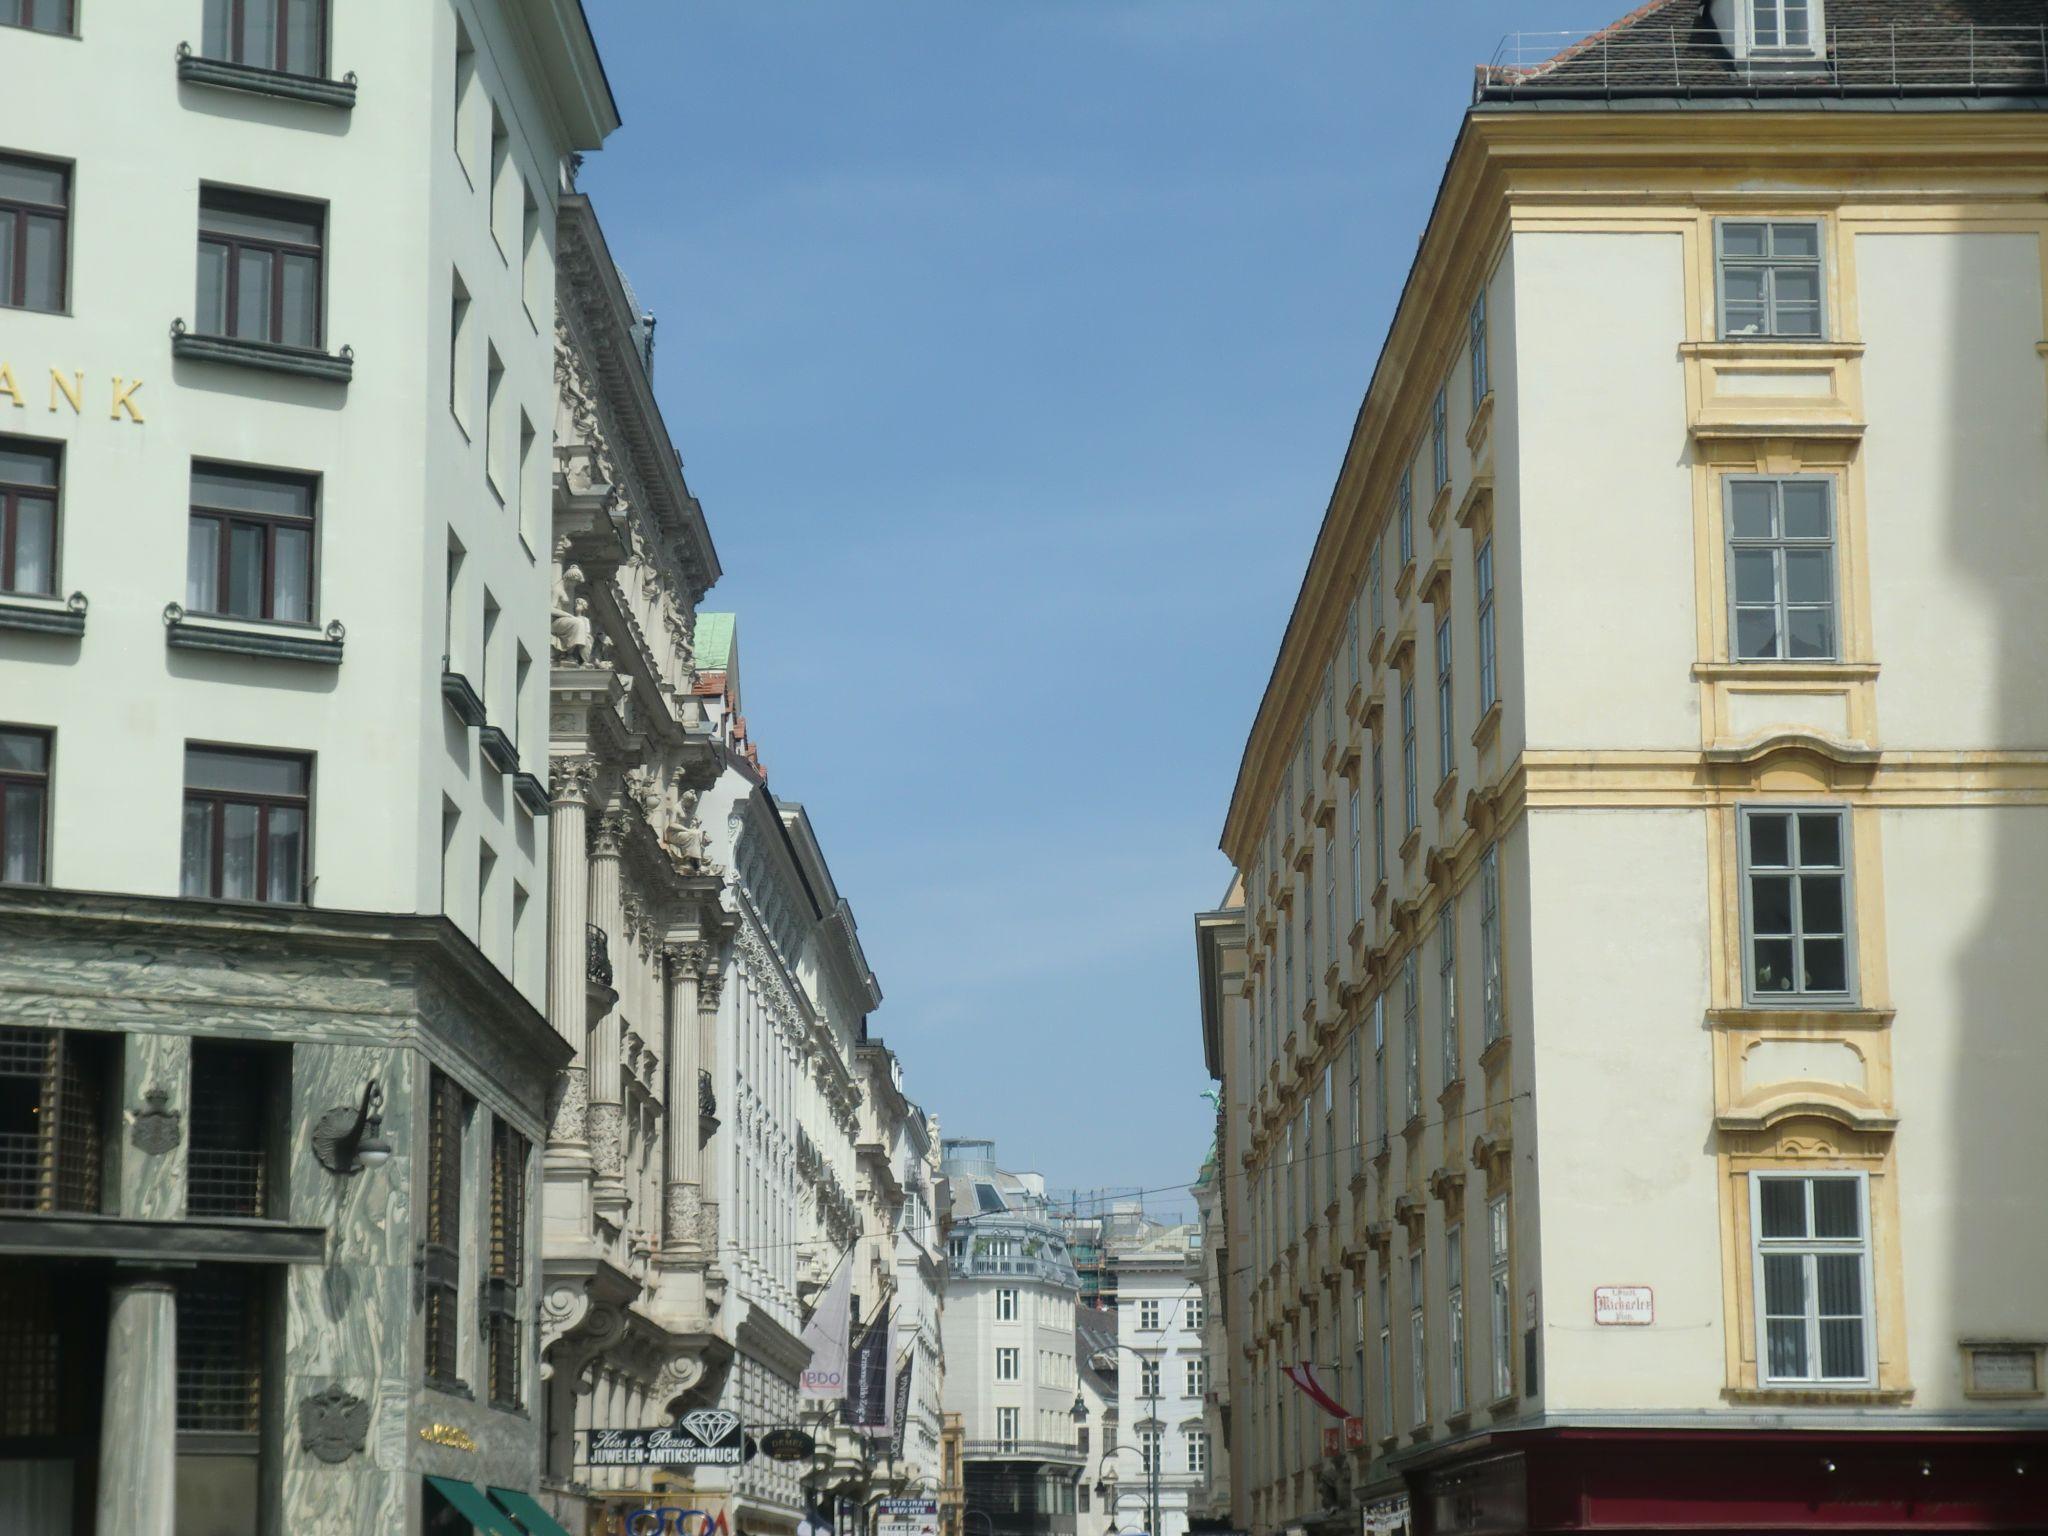 Vienna architecture 46 1440x1080 - Vienna: elegant beauty